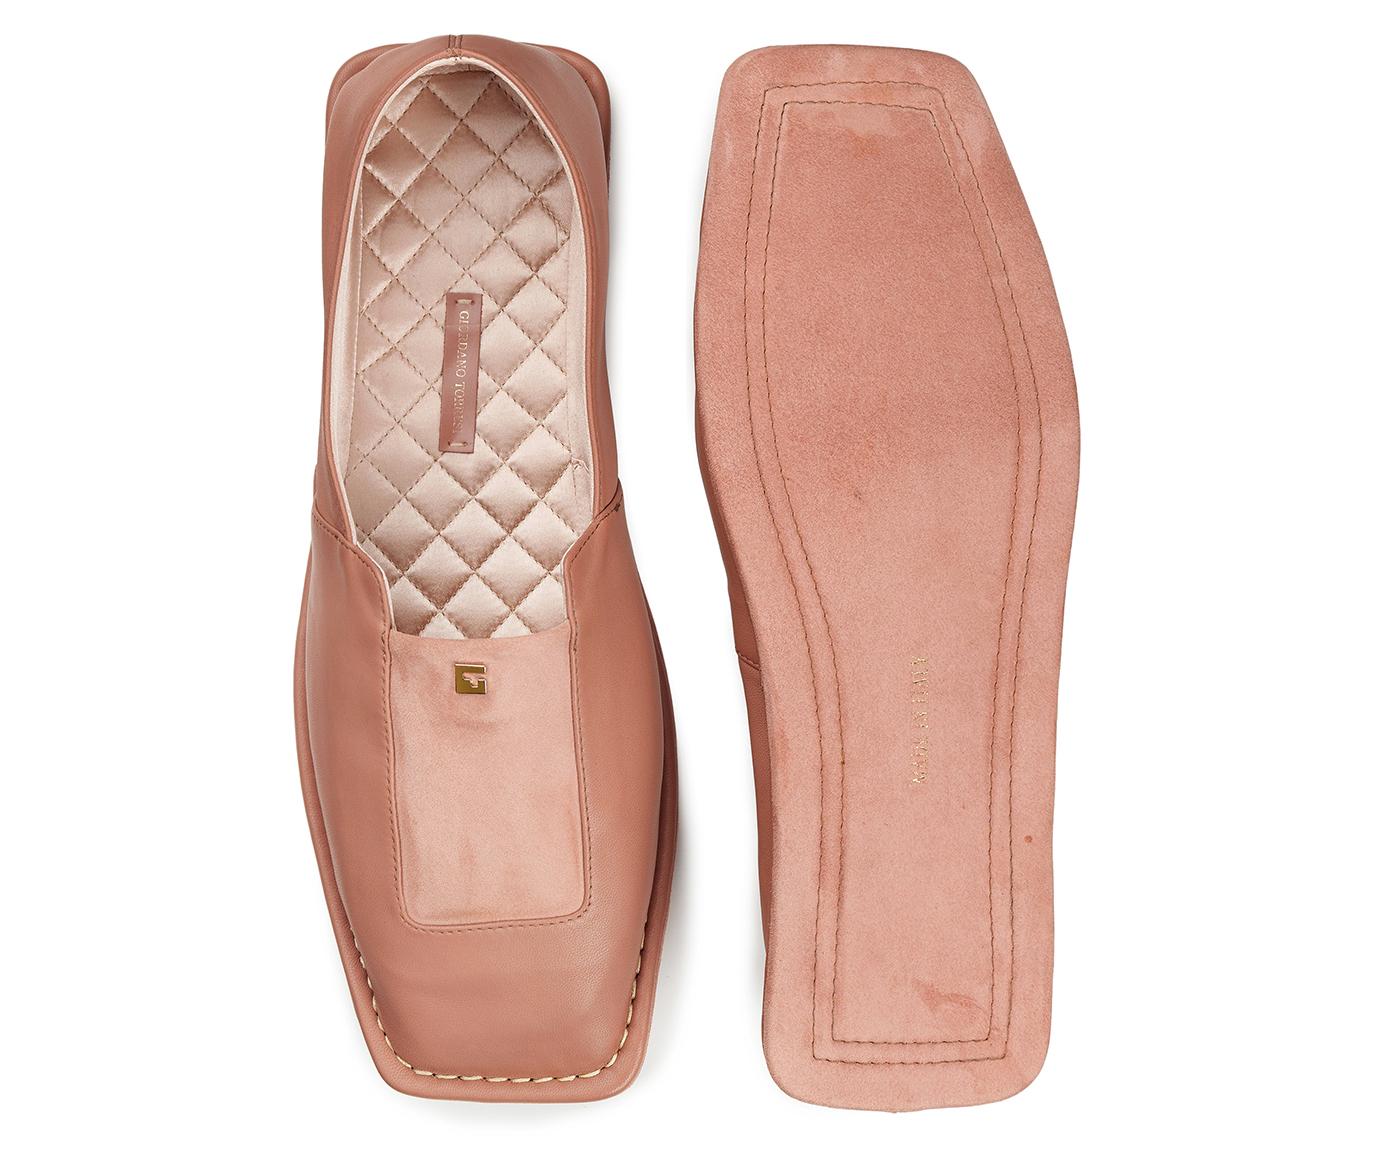 Giordano Torresi shoes | IANUS